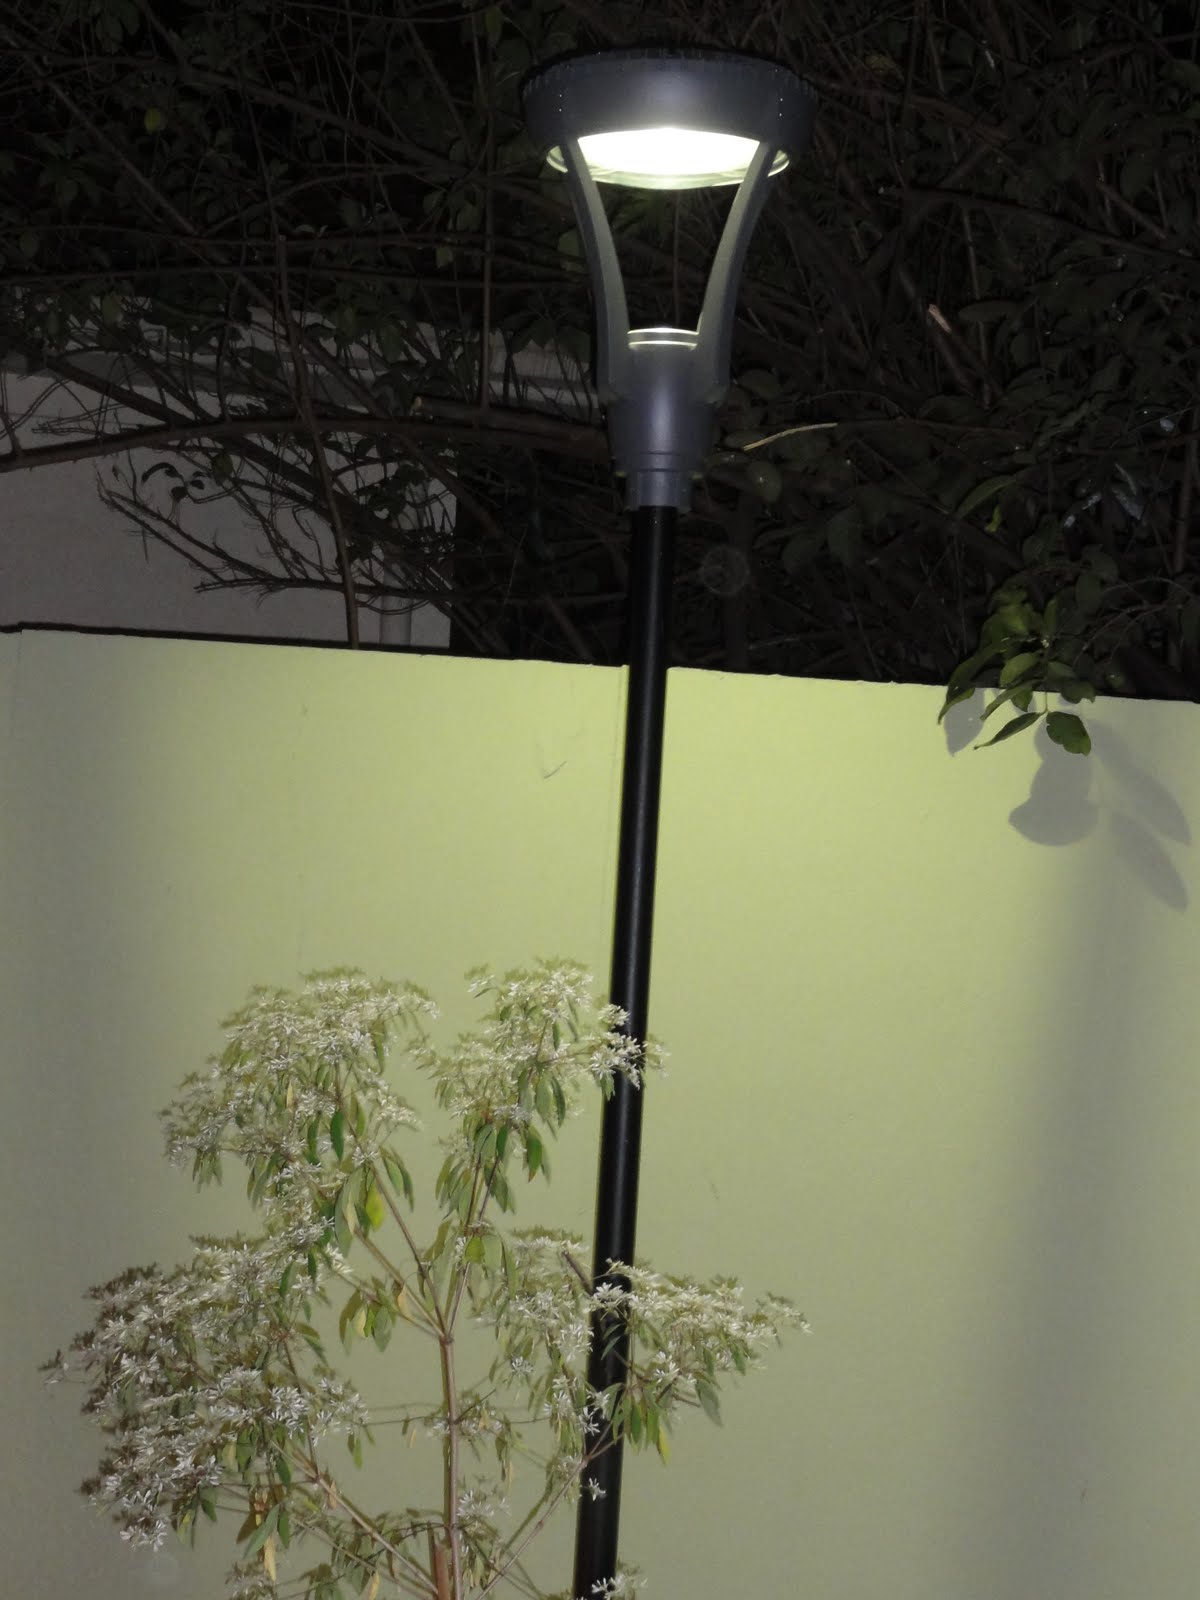 iluminacao jardim poste:Estou lançando em meu espaço o poste para áreas residenciais com